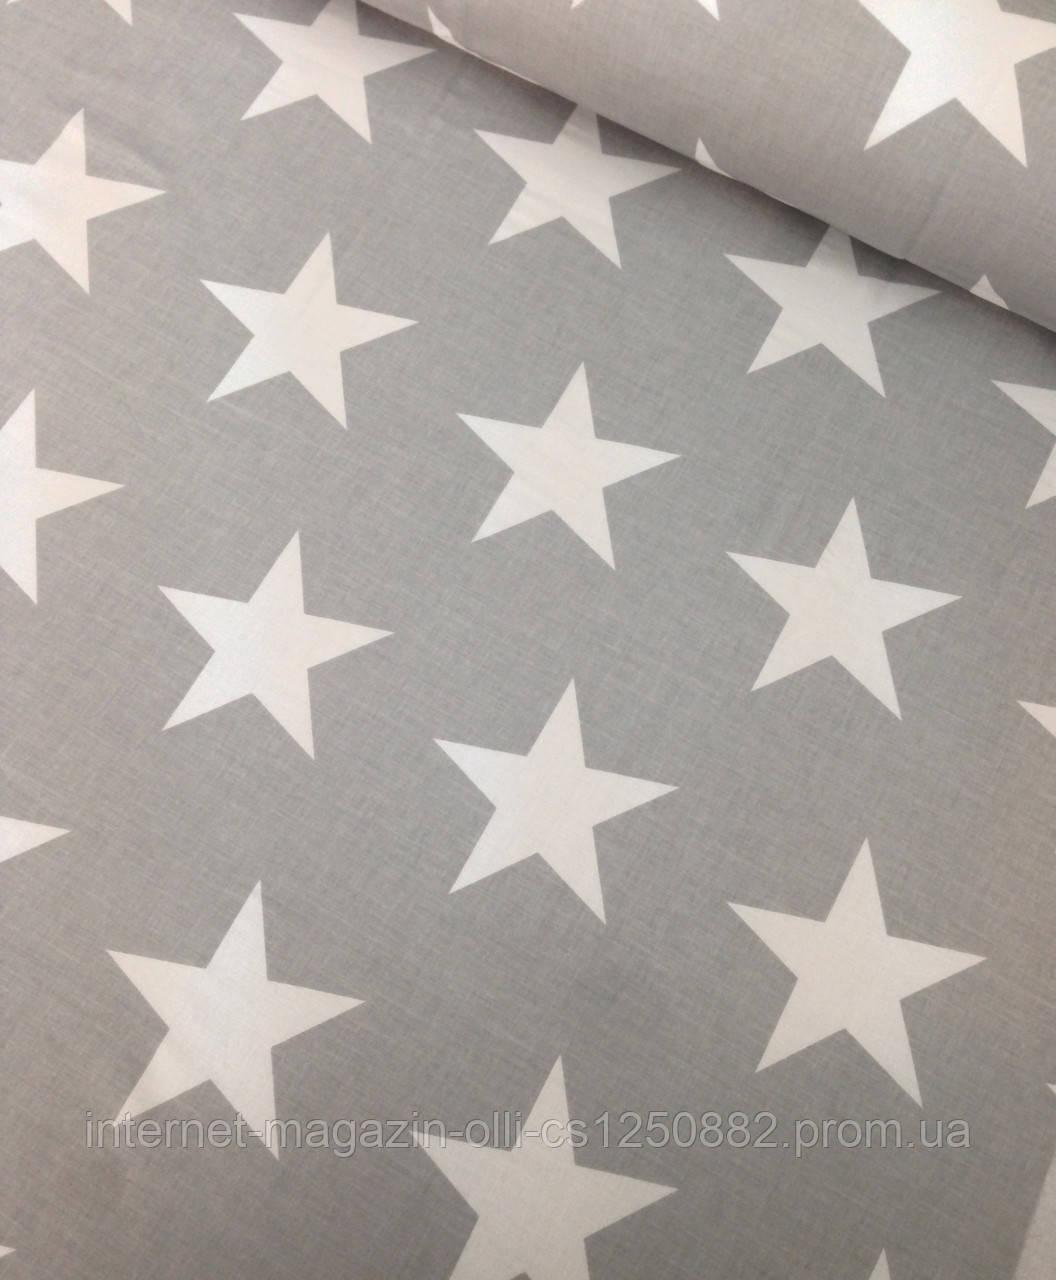 Хлопковая ткань белые звезды на сером крупные 12 см